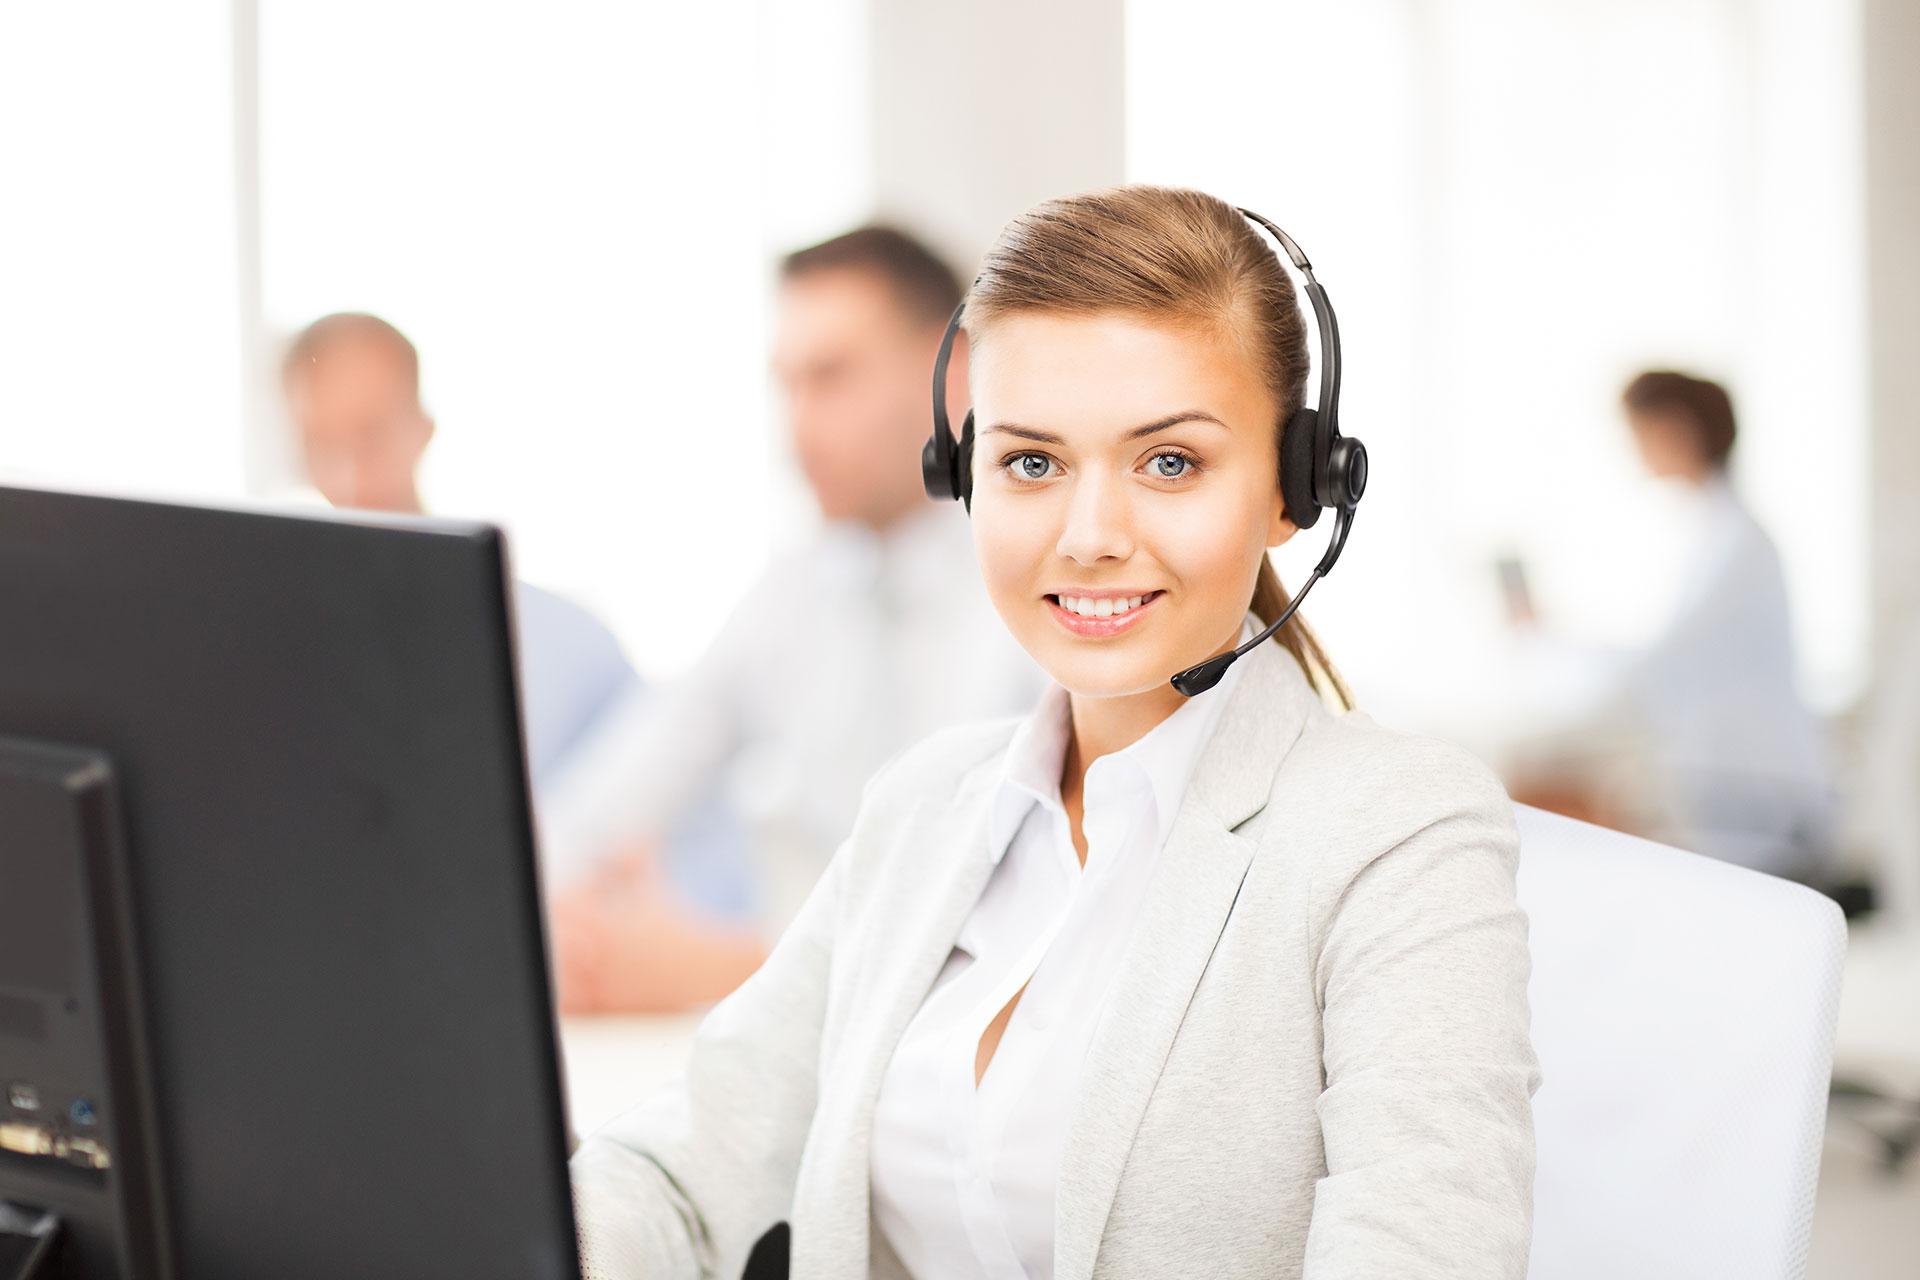 Бесплатный вебинар: Как повысить продажи с помощью Телефонии?